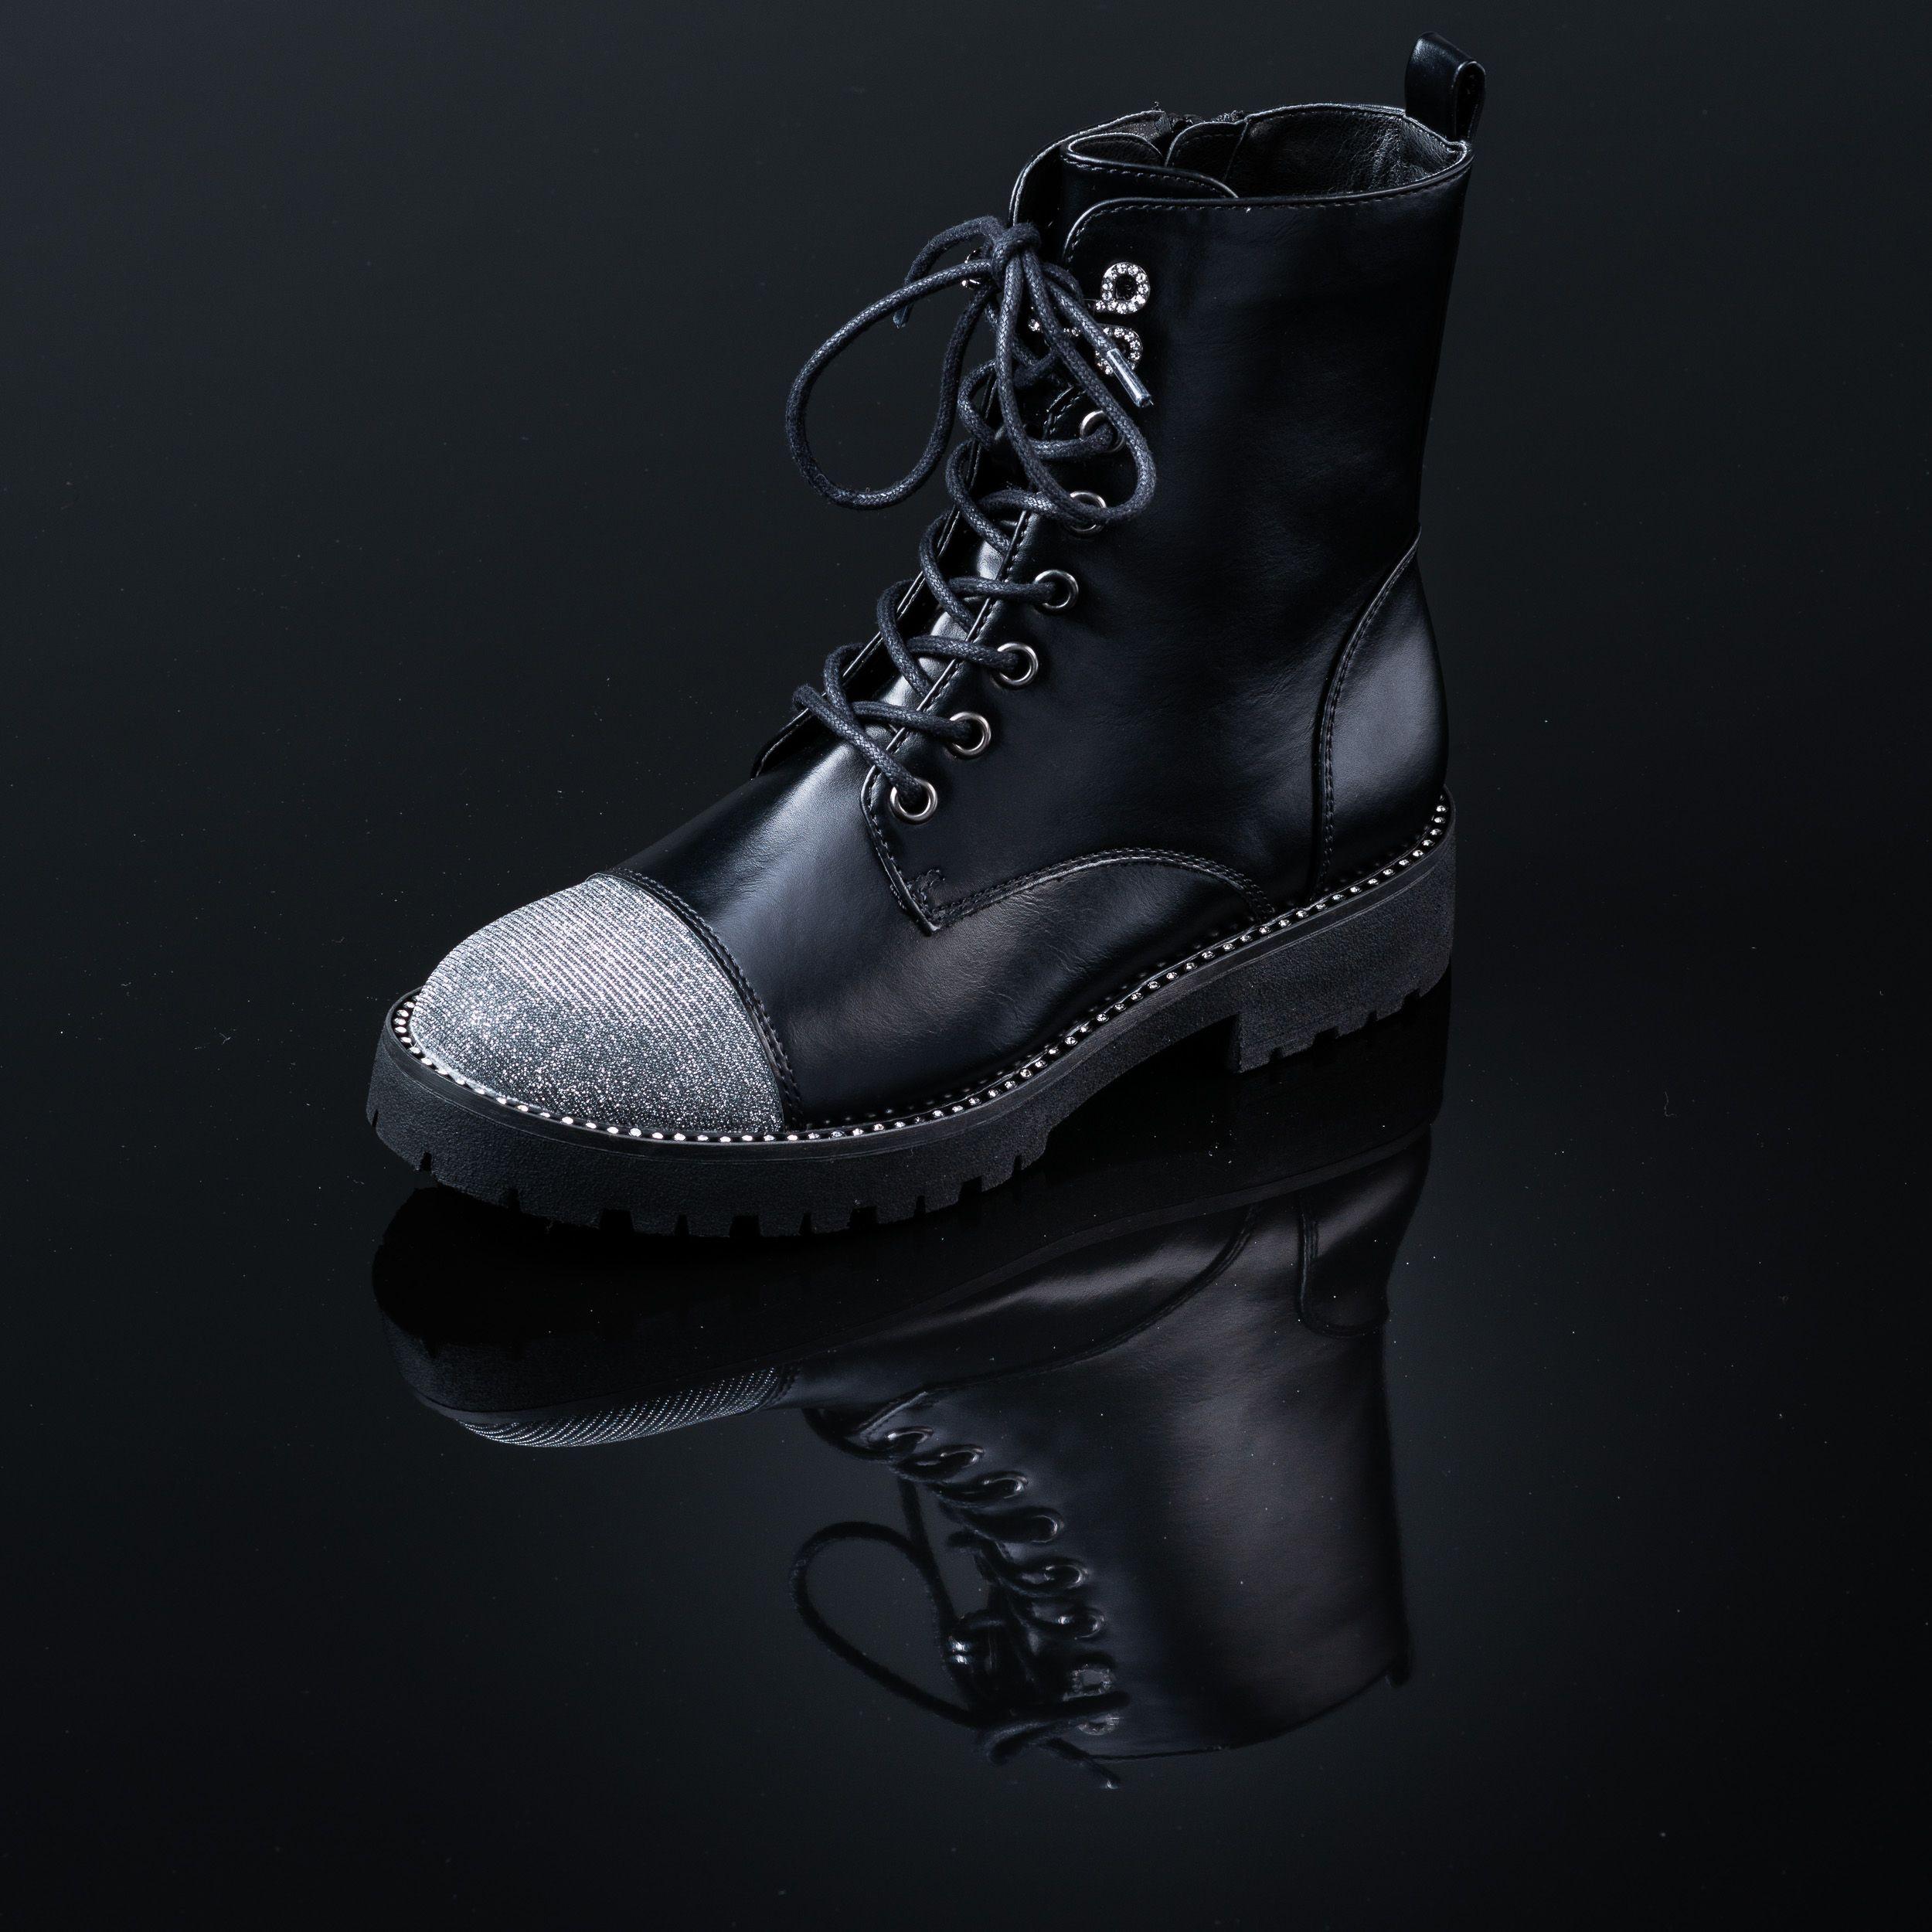 neu billig 60% günstig große Auswahl von 2019 Style Explosion - Boots by Deichmann | Fotos | Boots, Combat ...